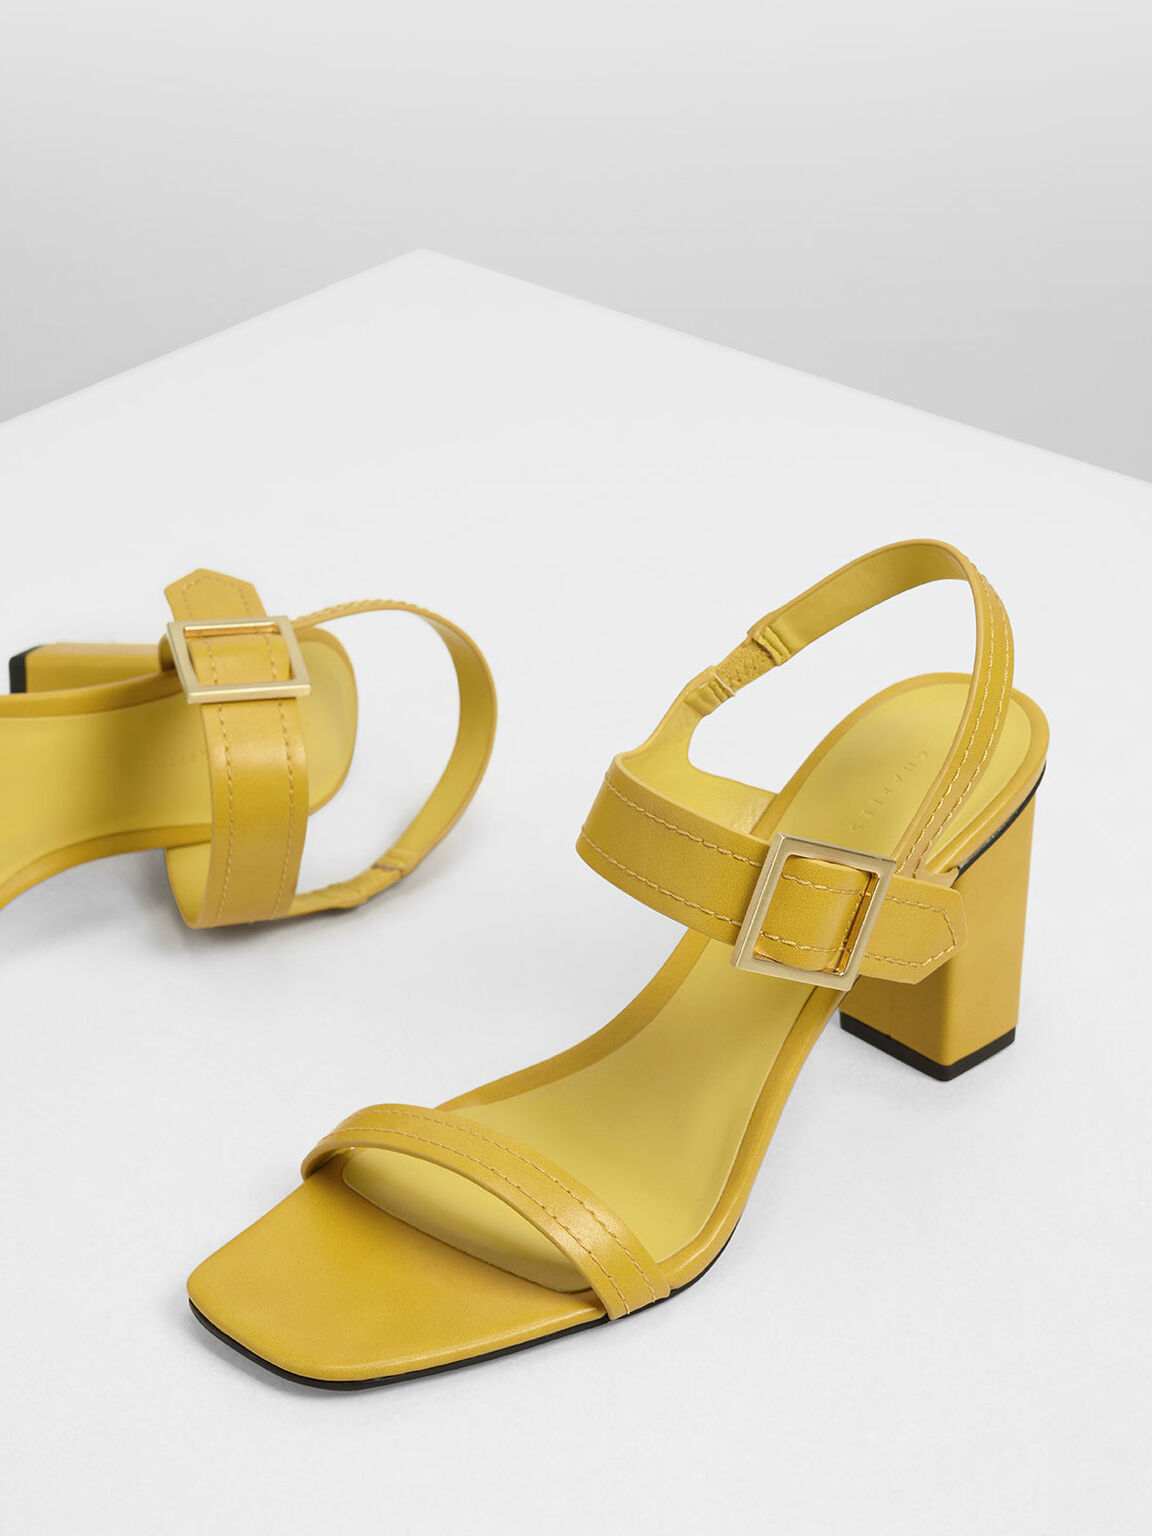 Buckle Detail Block Heel Sandals, Yellow, hi-res